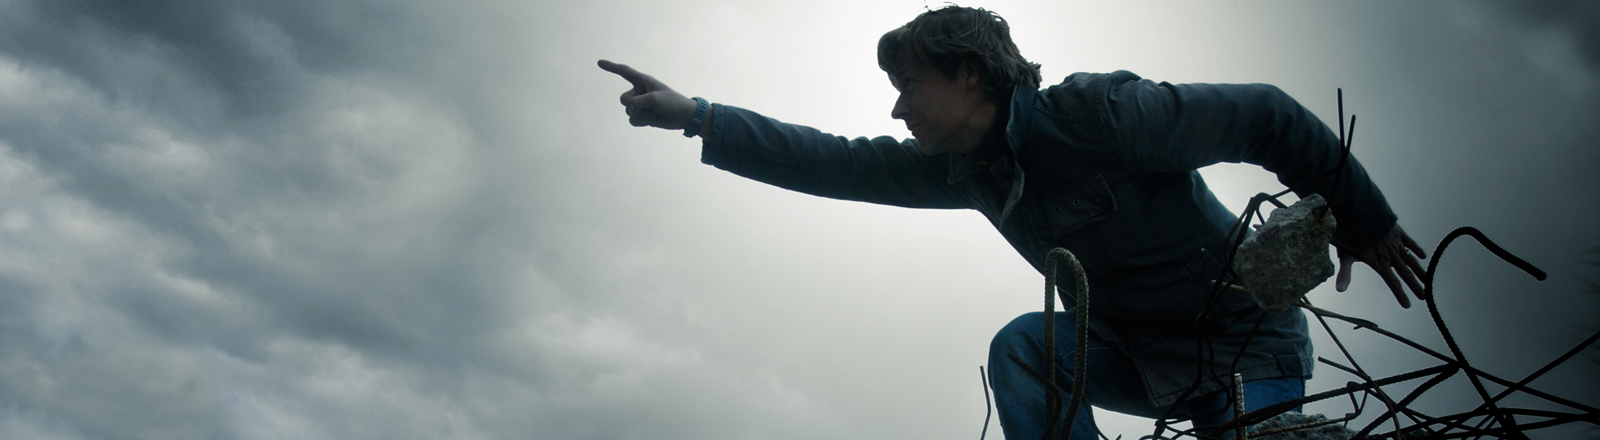 """Ein Mann macht eine """"Vorwärts!""""-Geste und klettert dabei über Ruinen."""